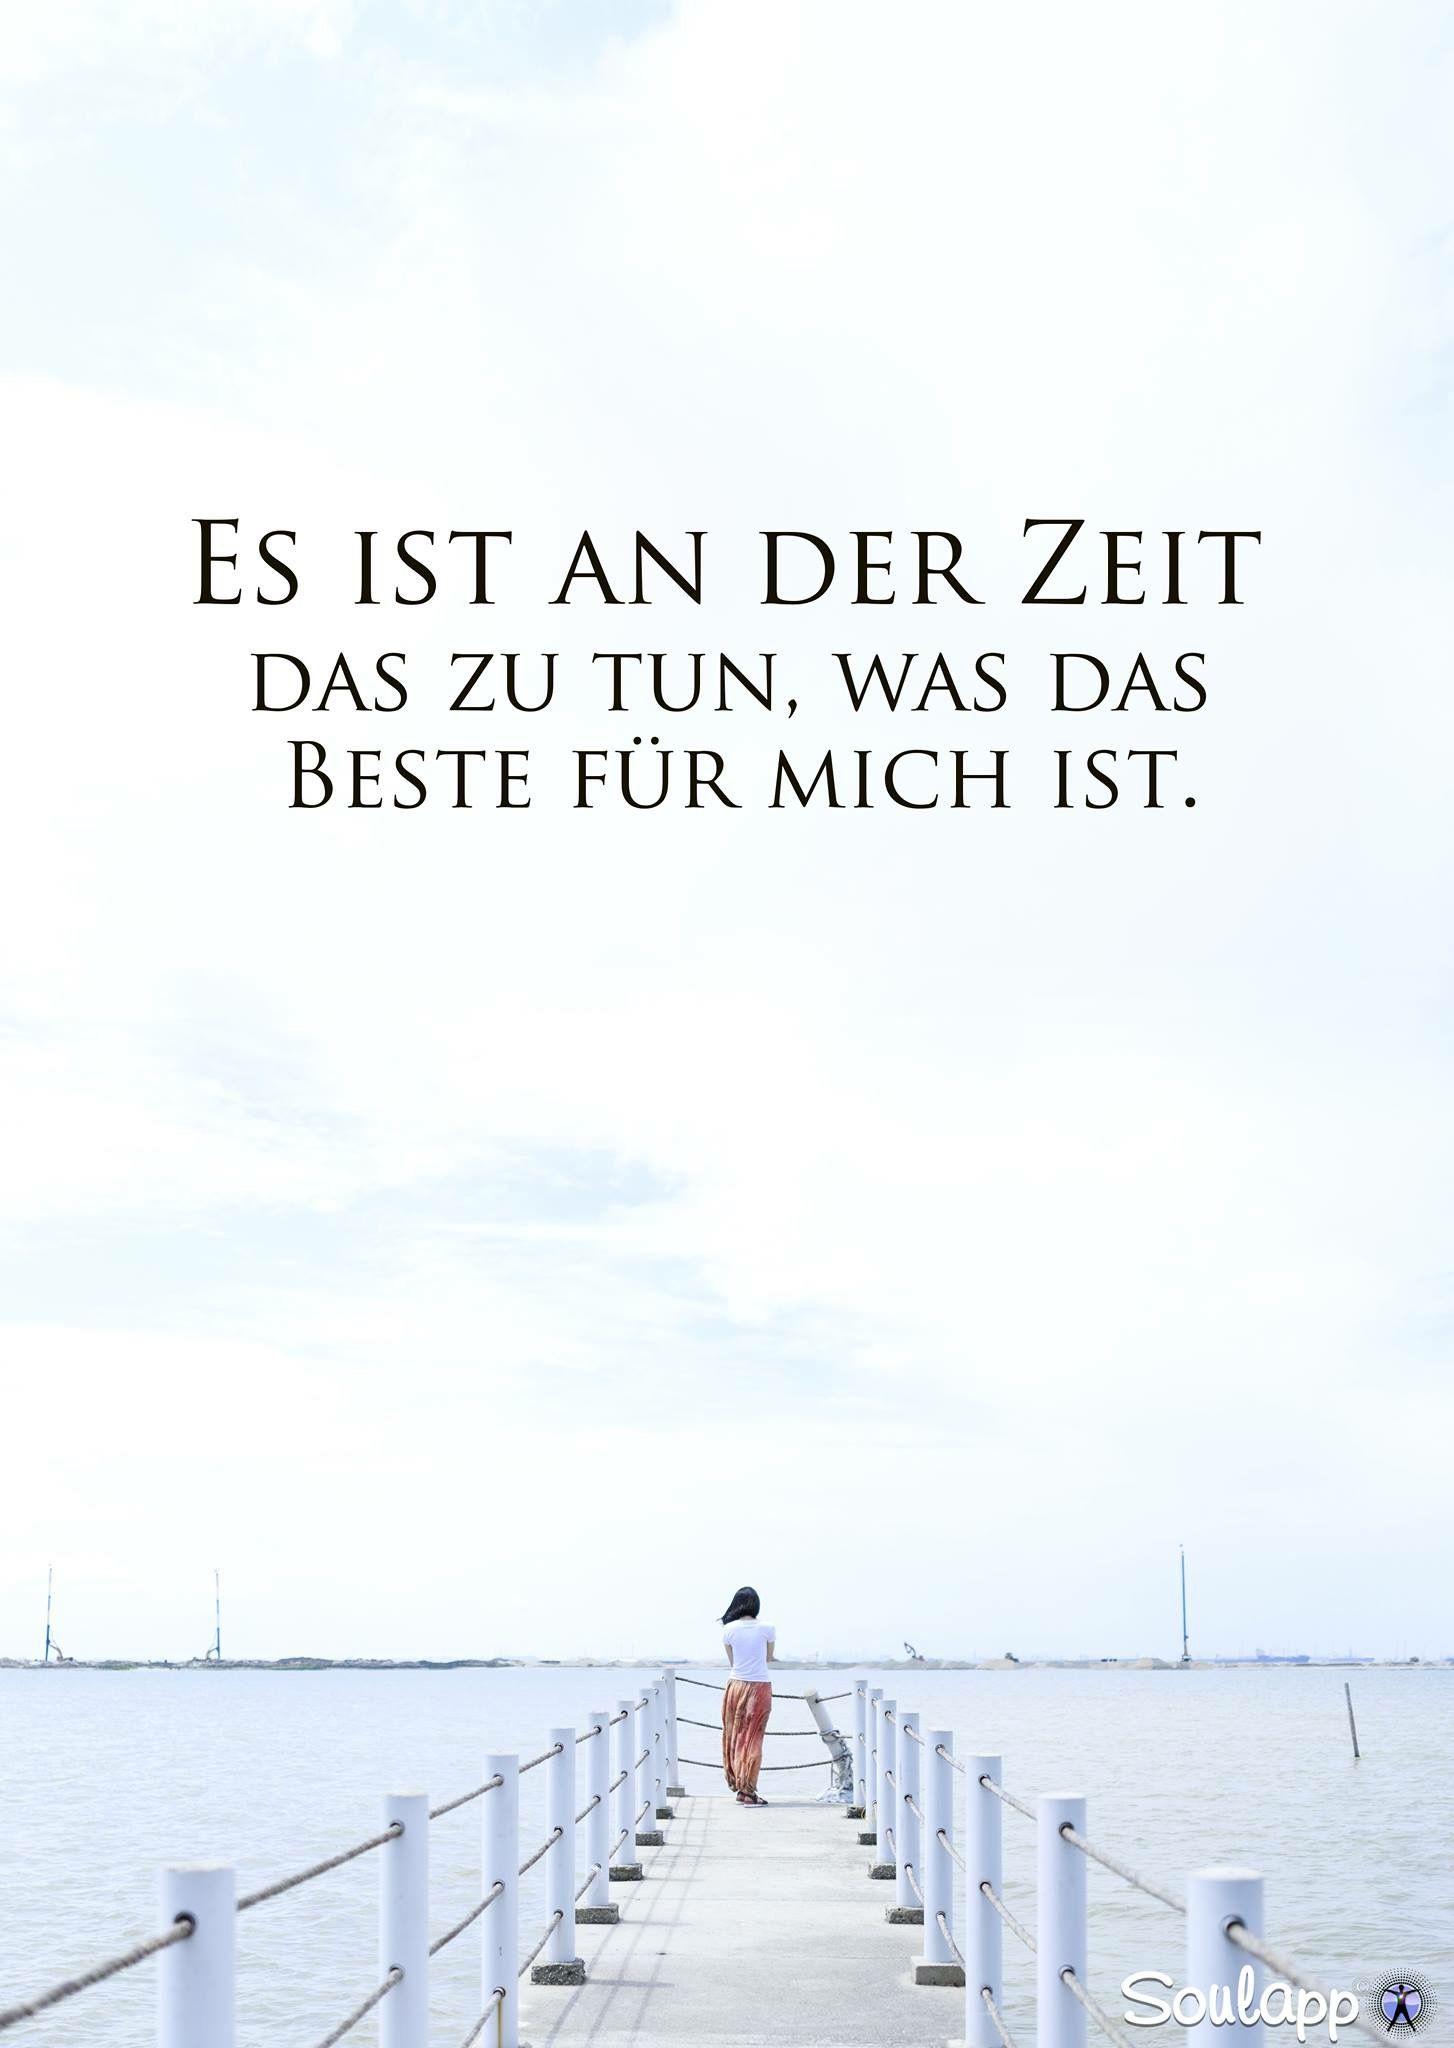 Pin Von Malin Lange Auf Spruche Nachdenkliche Spruche Postkarten Spruche Spruche Zitate